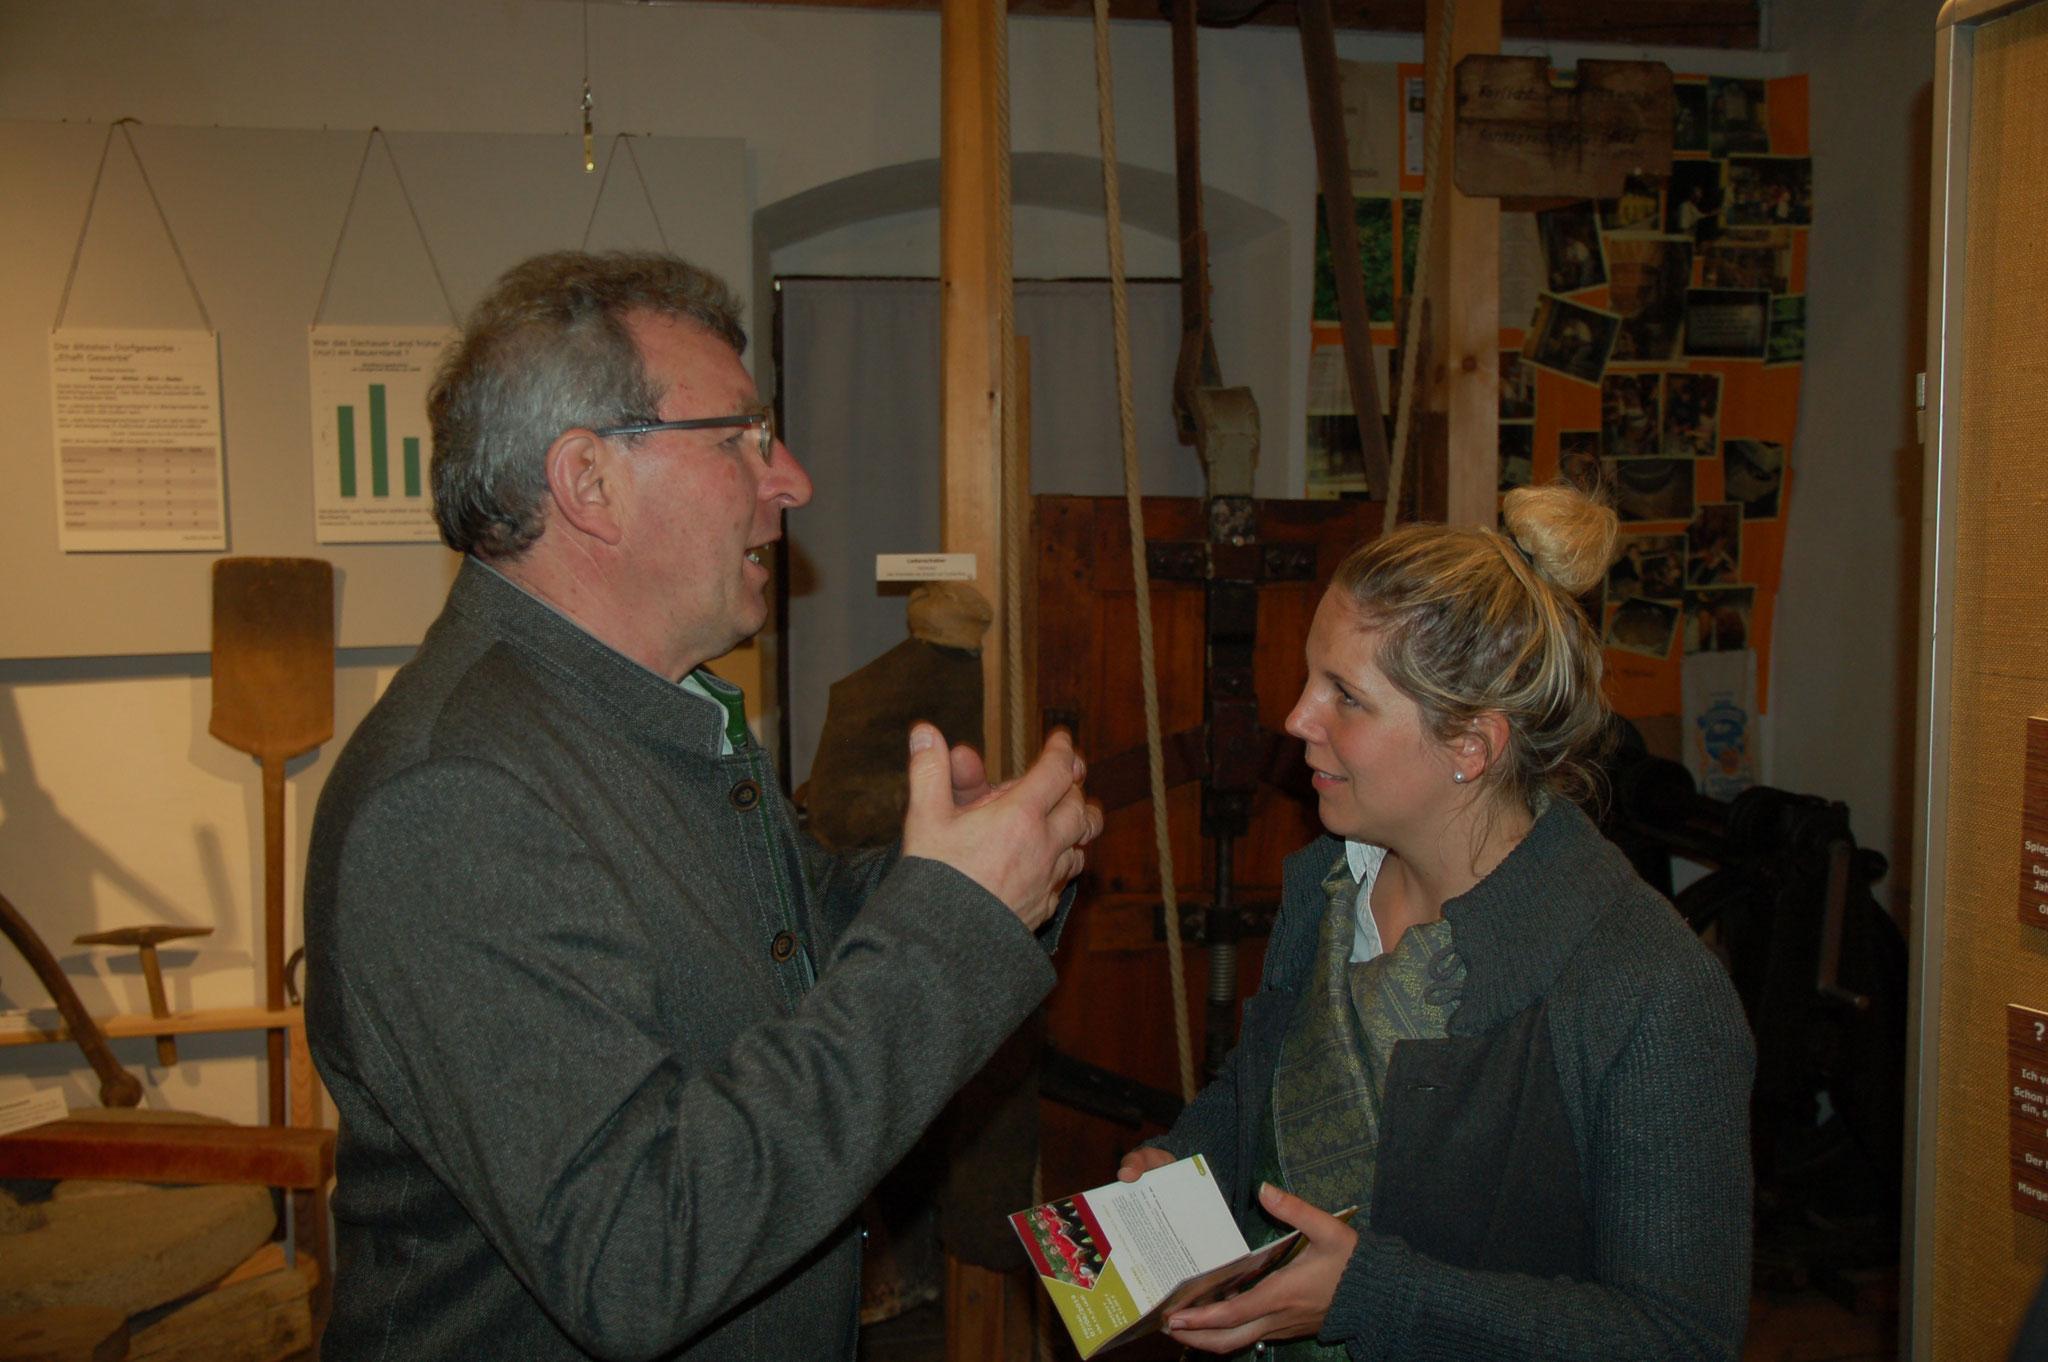 Ausstellungsmacher Martin Obermeier mit der Tourismusbeauftragten Julia Kiendl